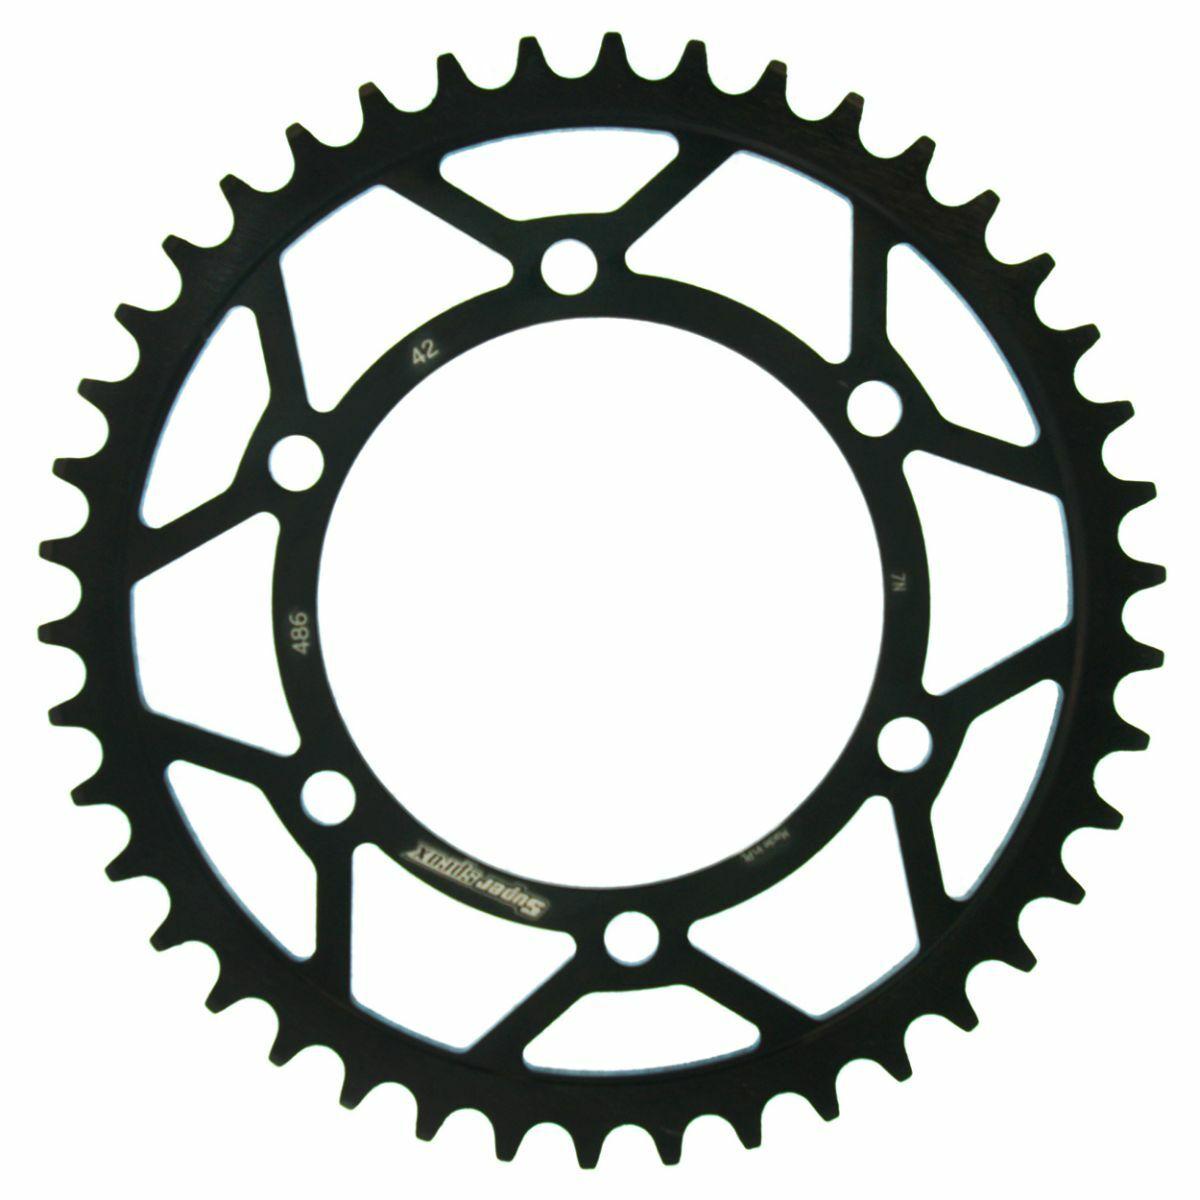 Obrázek produktu Řetězová rozeta SUPERSPROX černý 42 zubů, 520